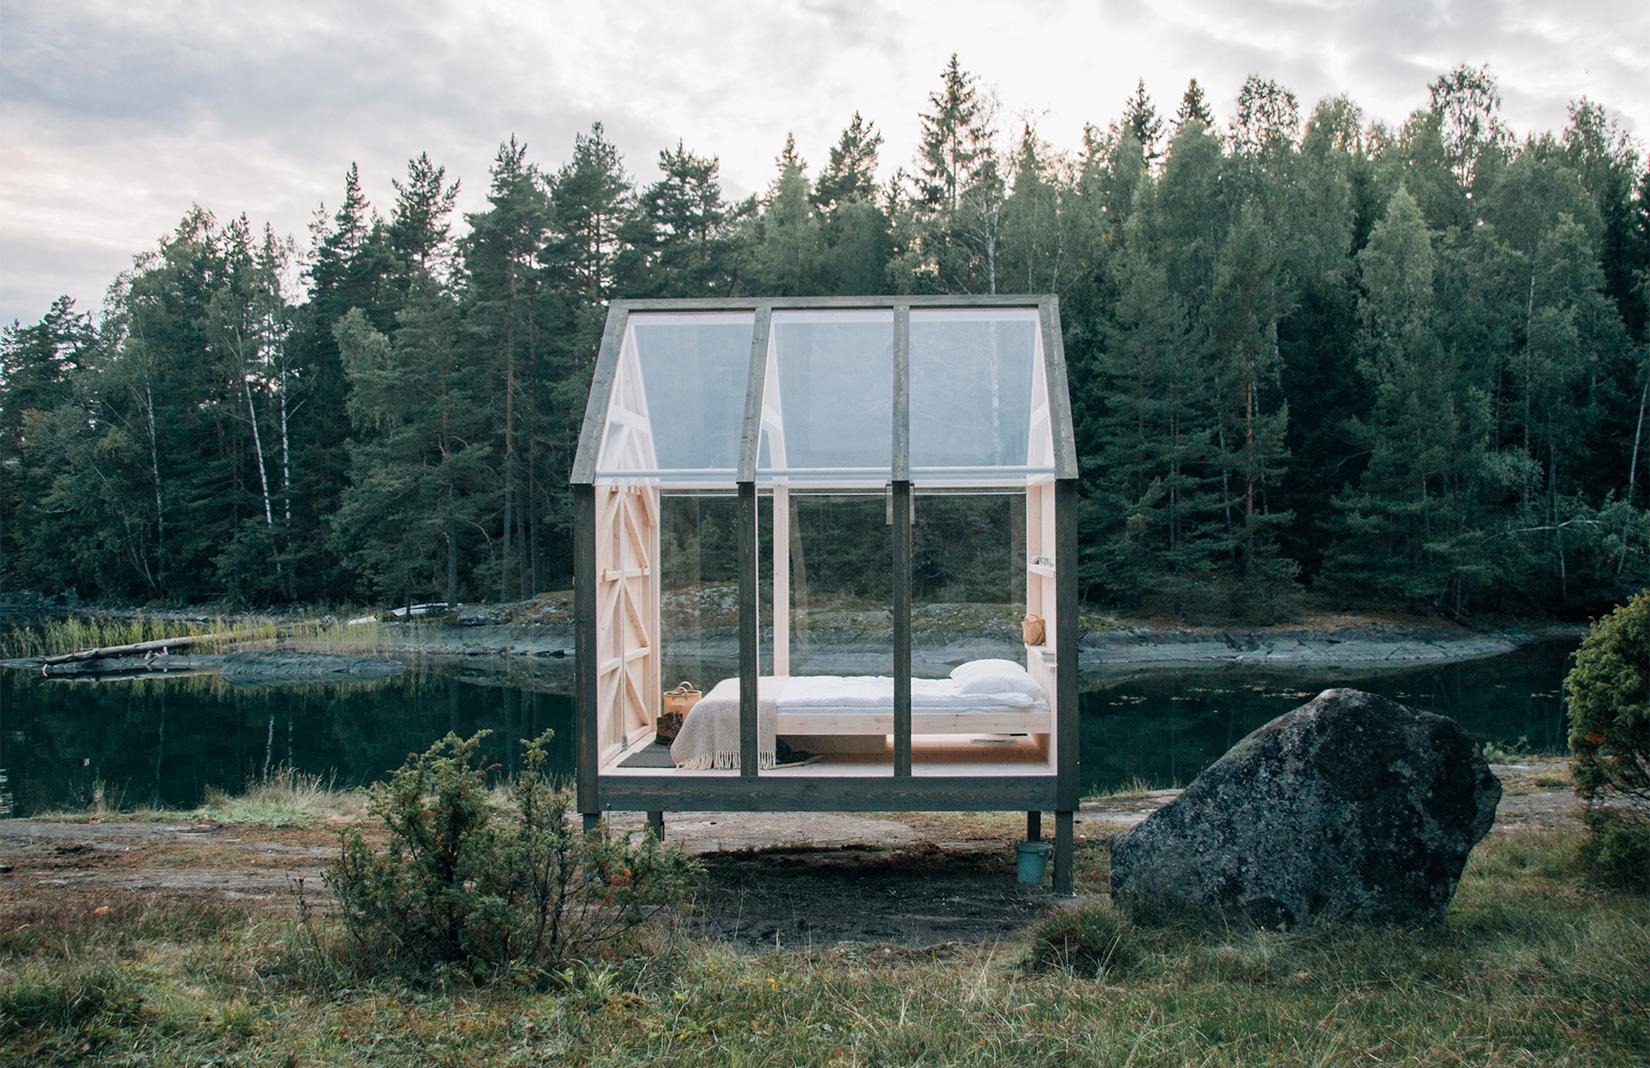 The-72-Hour-Cabin_Cabin5_credit-Magnus-Klang.jpg